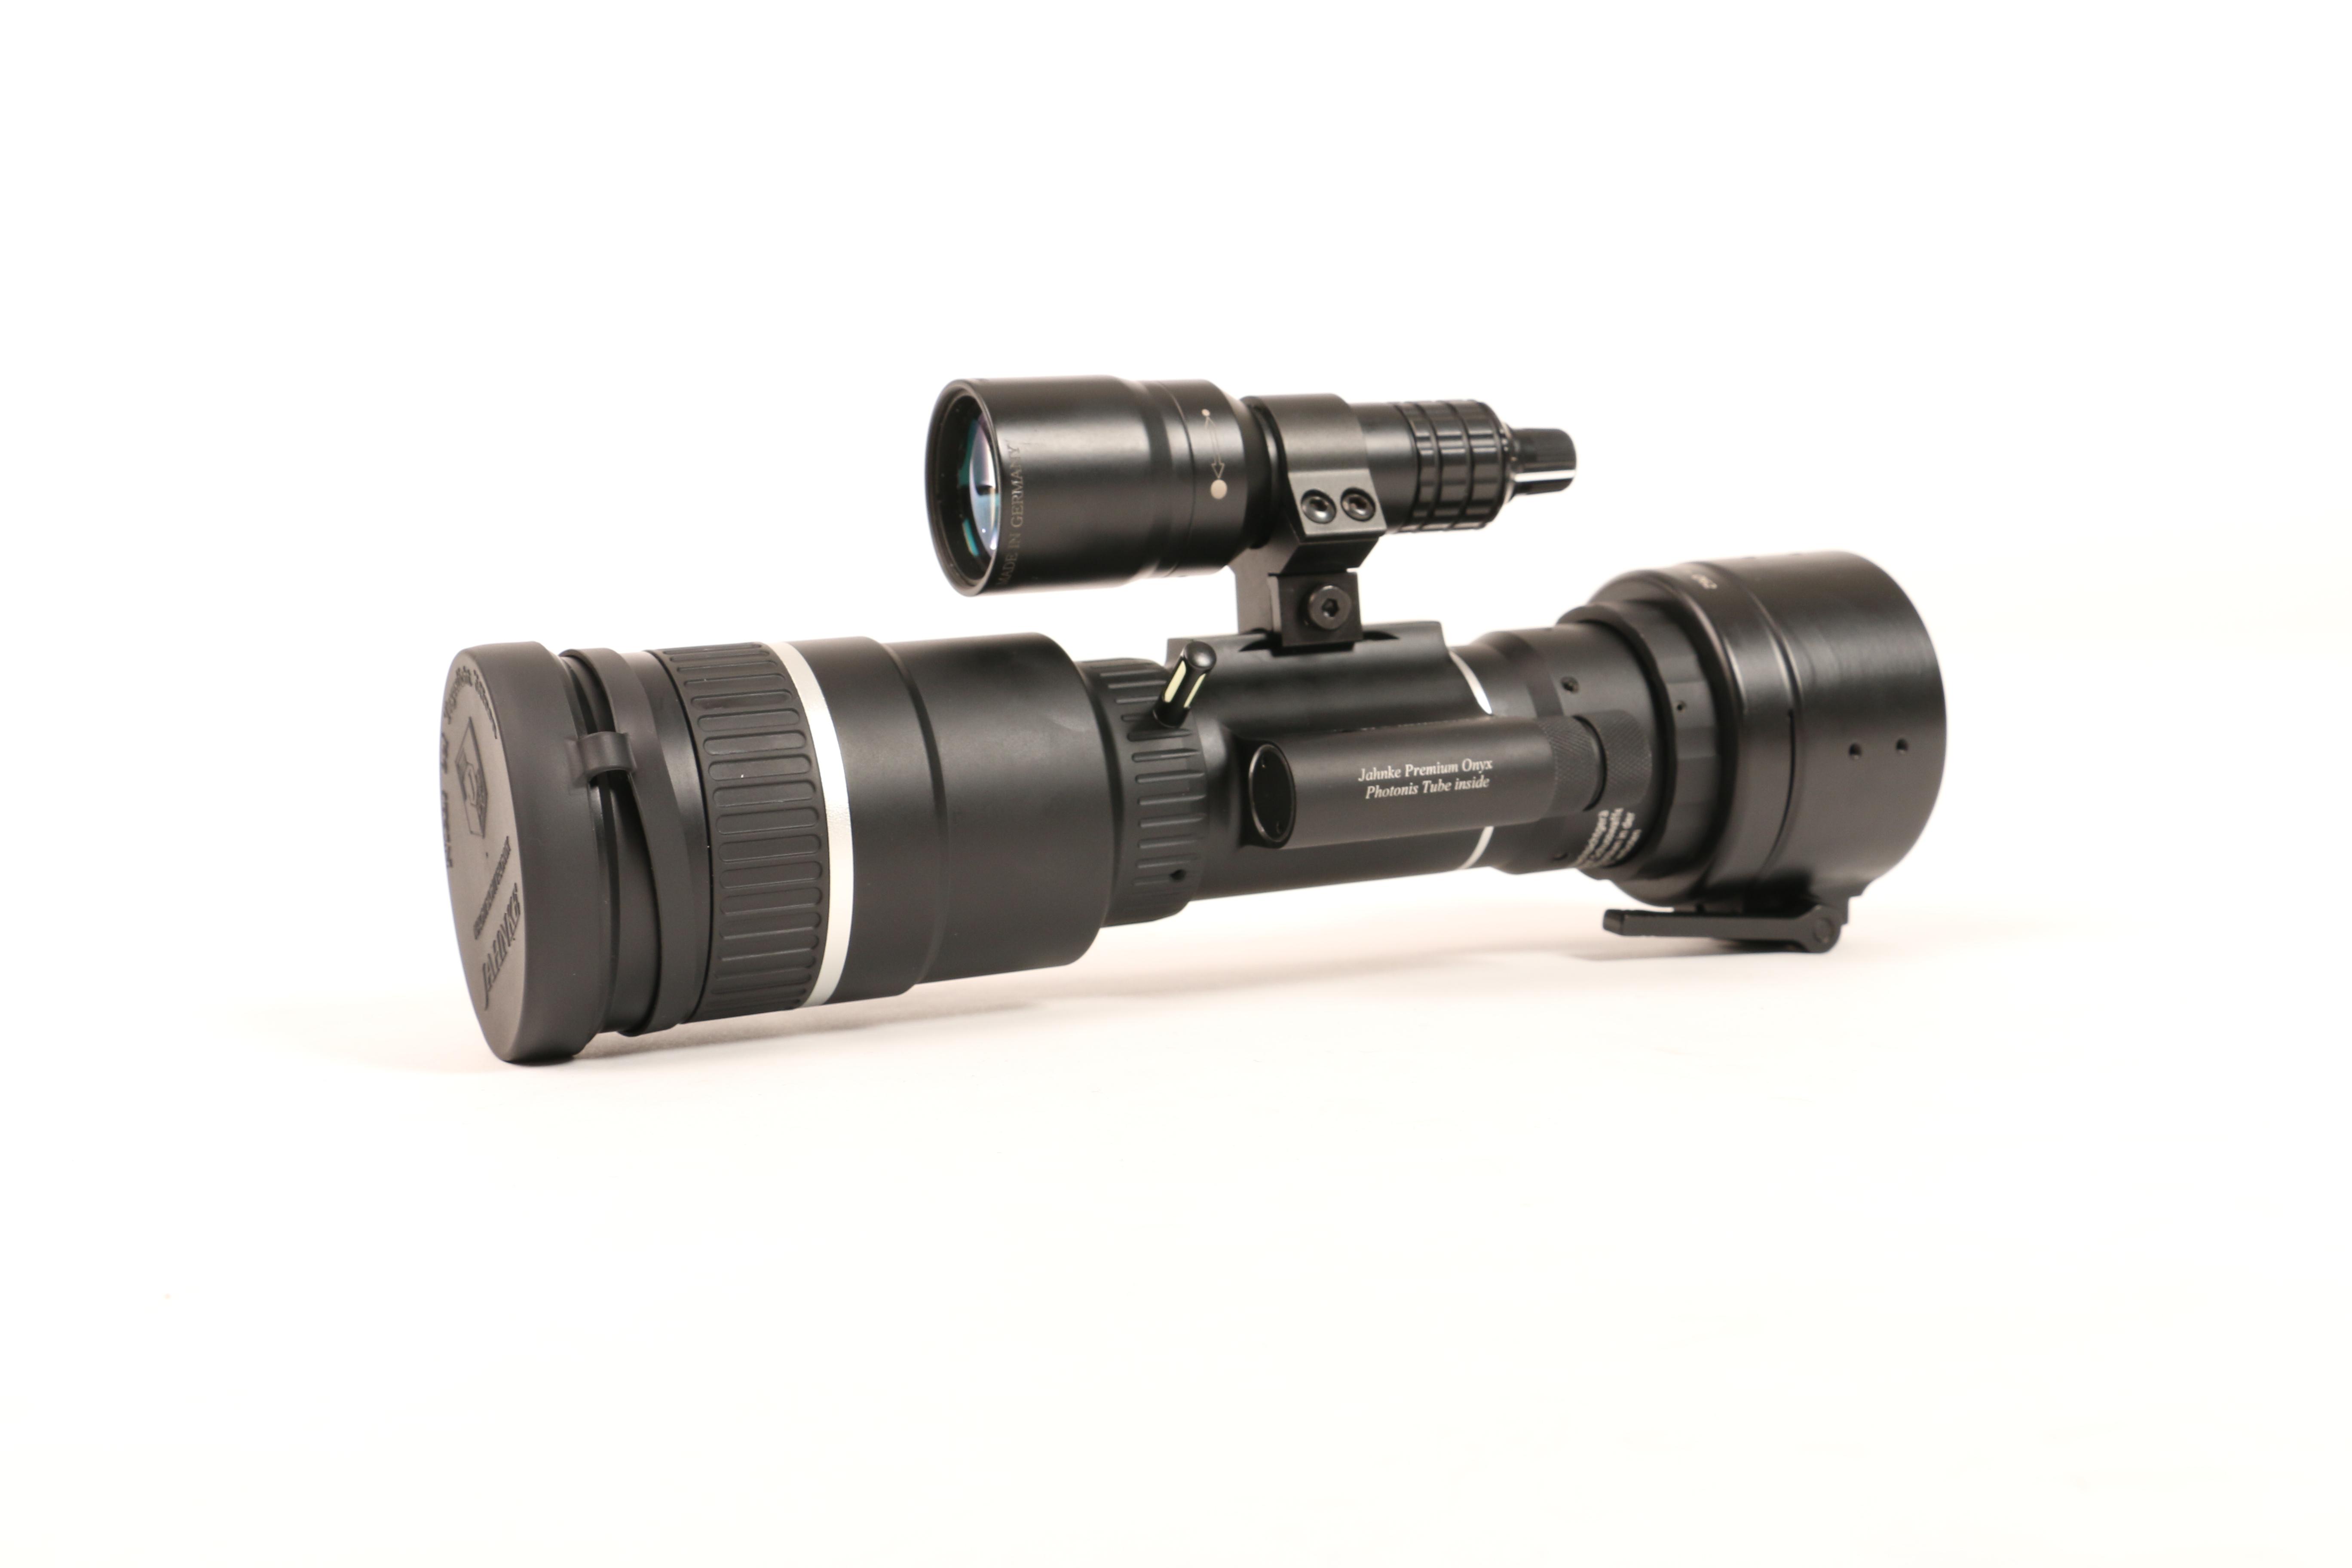 Jagd nachtsichtgeräte ohne modifizierter artikel günstig kaufen ebay